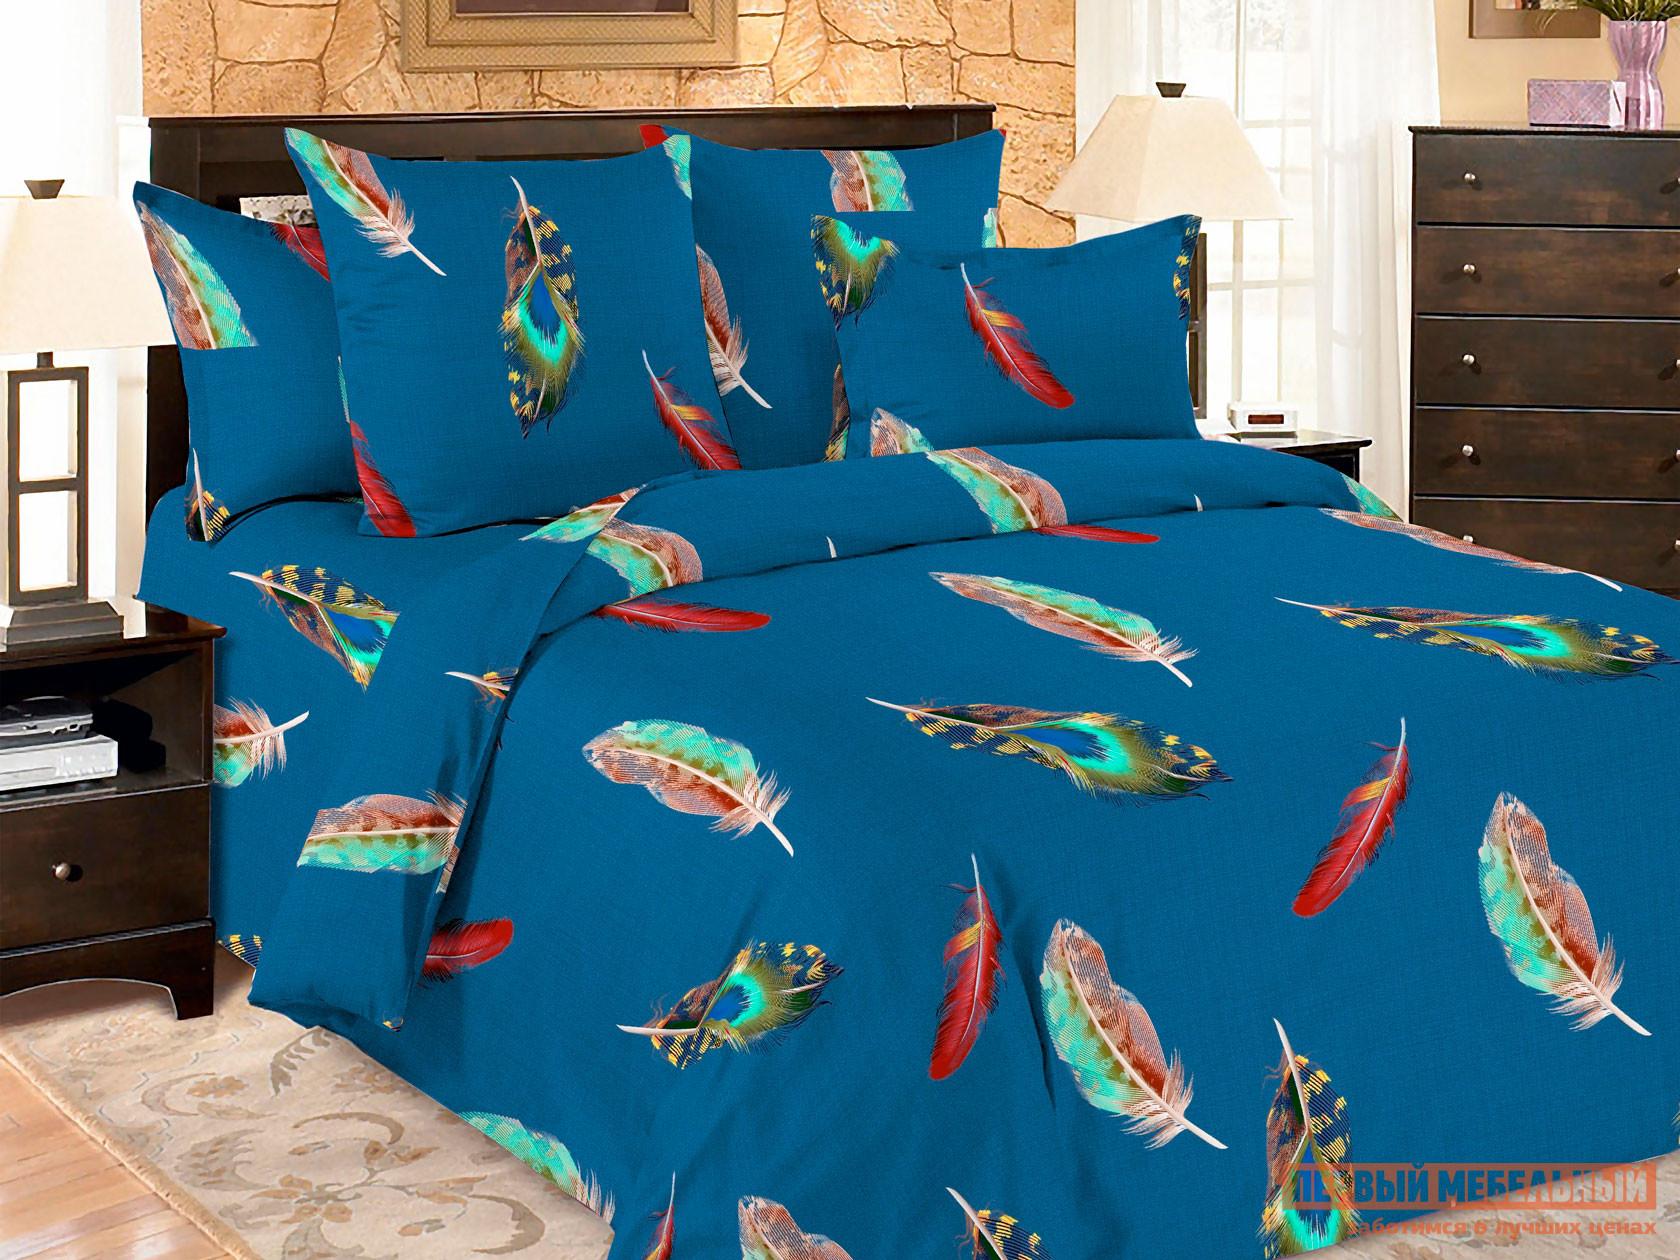 Комплект постельного белья  КПБ Amore Mio BZ Airy Айри, микрофибра, Полутороспальный